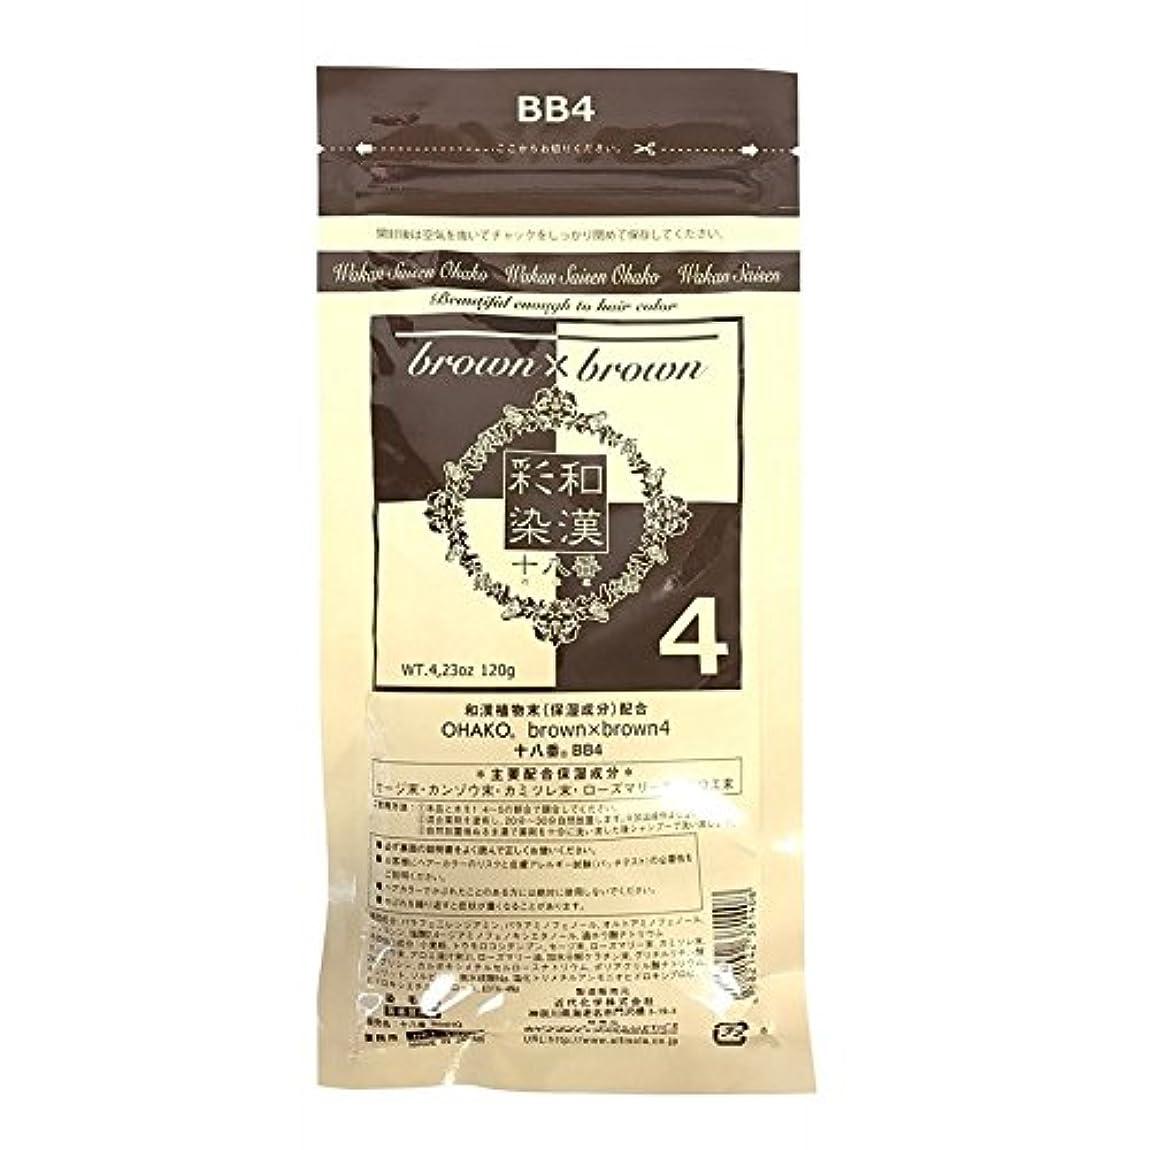 グランデックス 和漢彩染 ブロコローレ BB4 120g